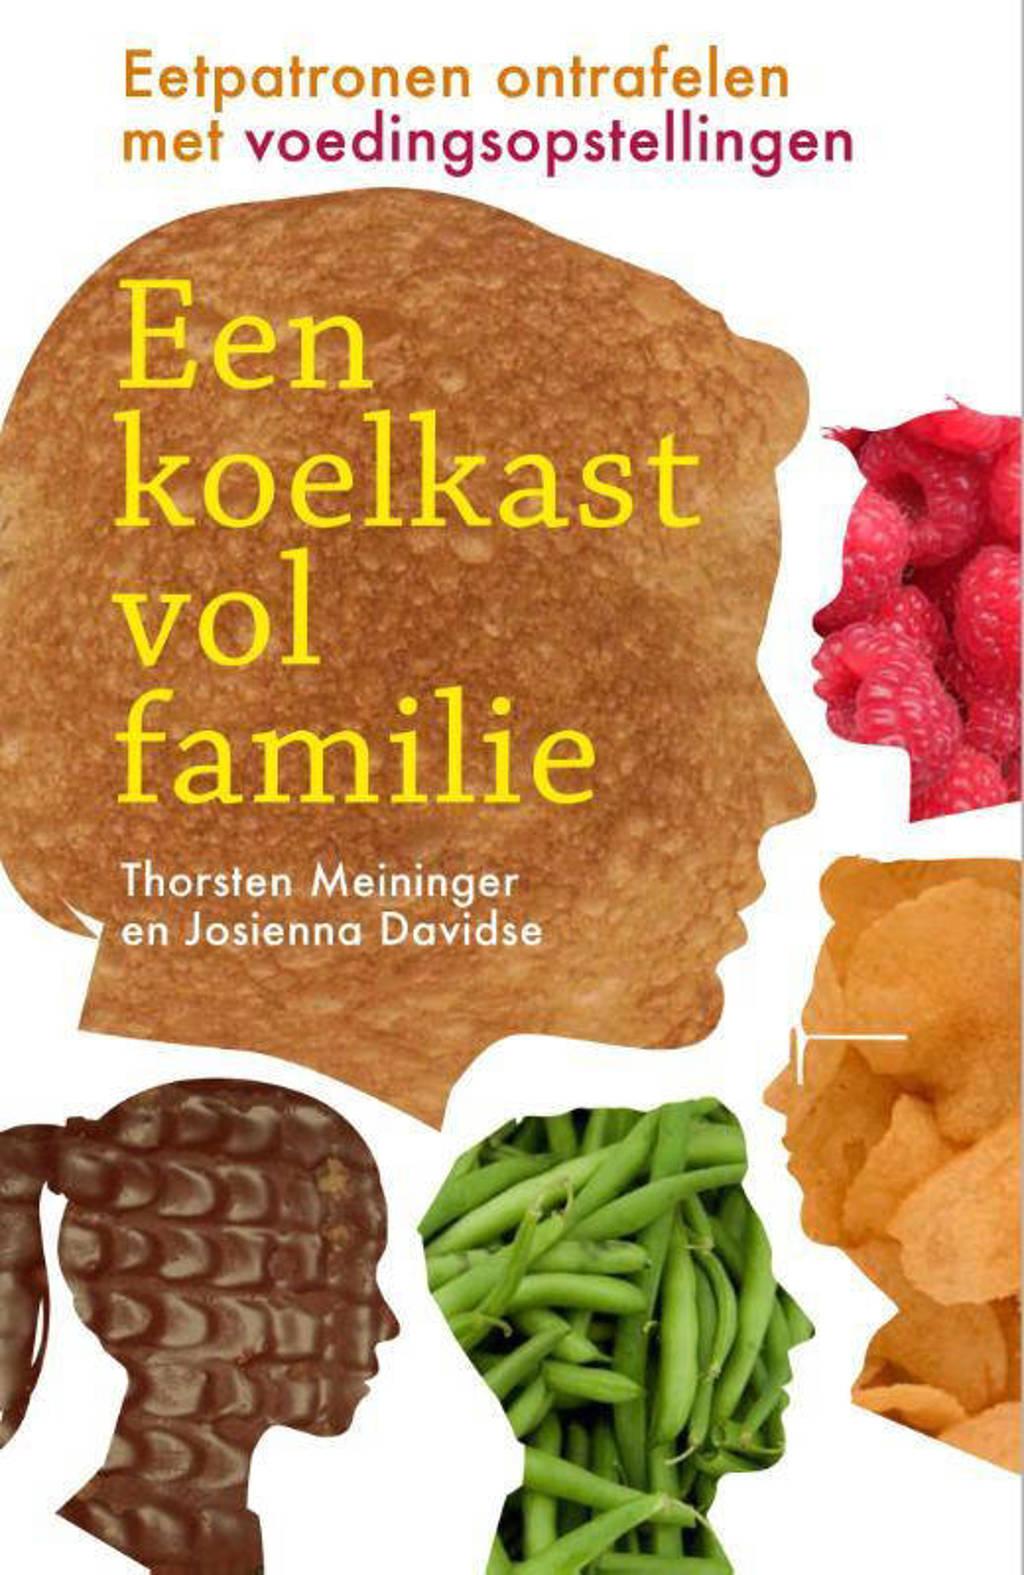 Een koelkast vol familie - Thorsten Meininger en Josienna Davidse